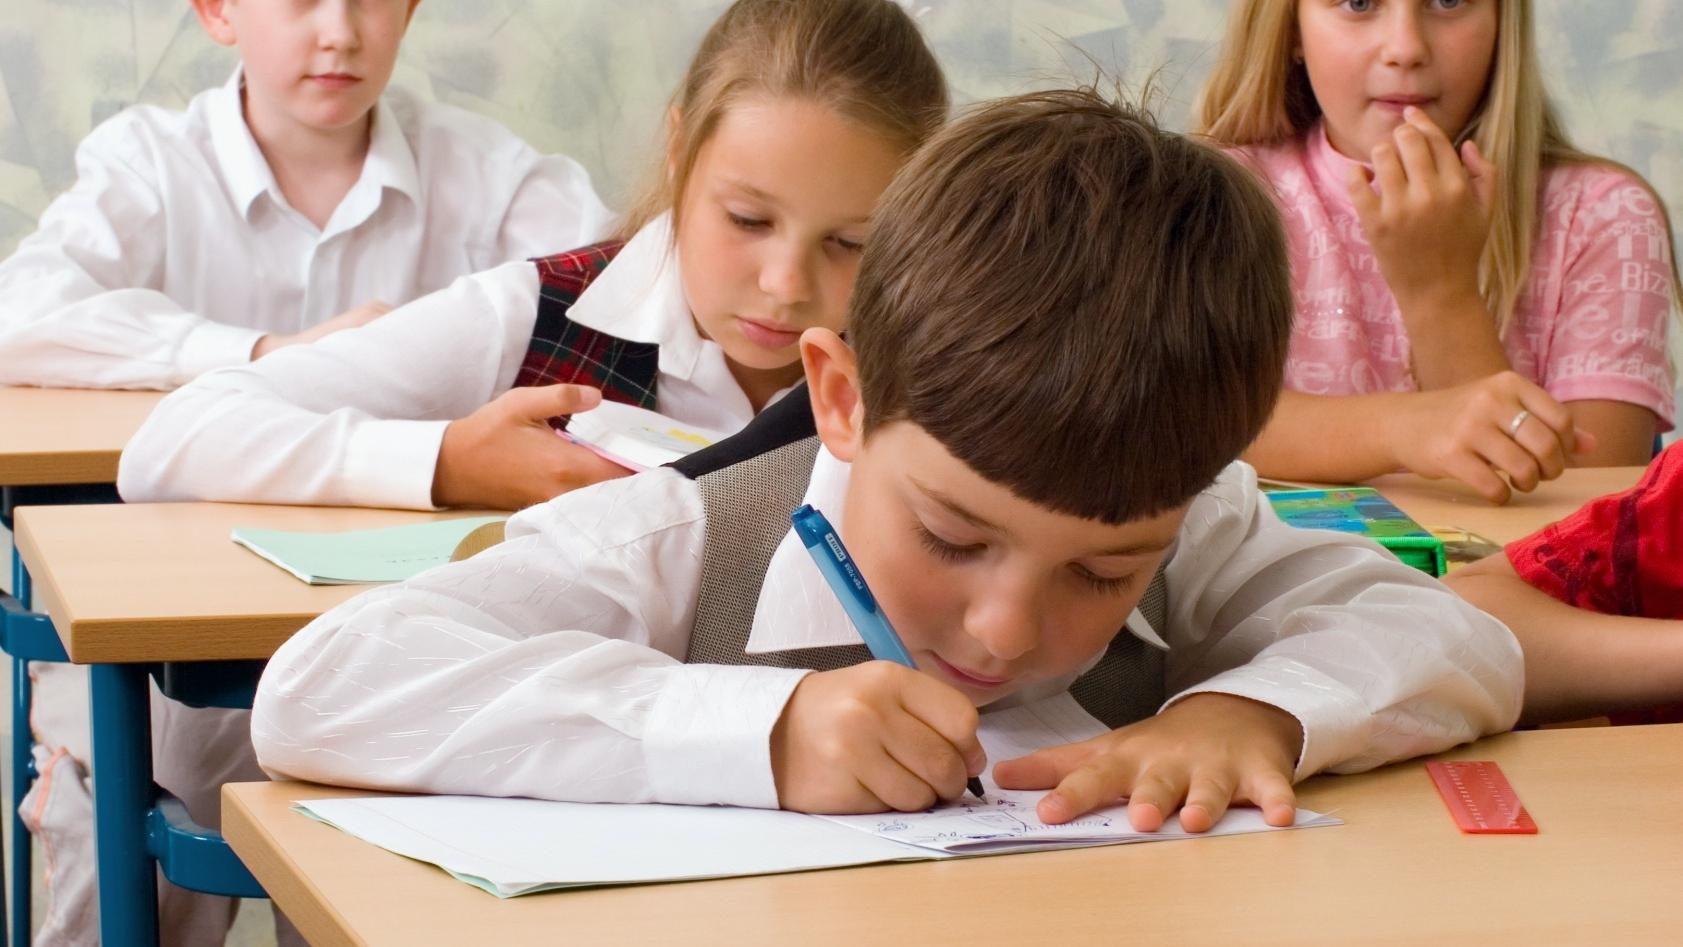 """Dascăl: """"Elevii care doresc să învețe merită profesori fericiți"""". Scrisoare către ministrul Educației"""